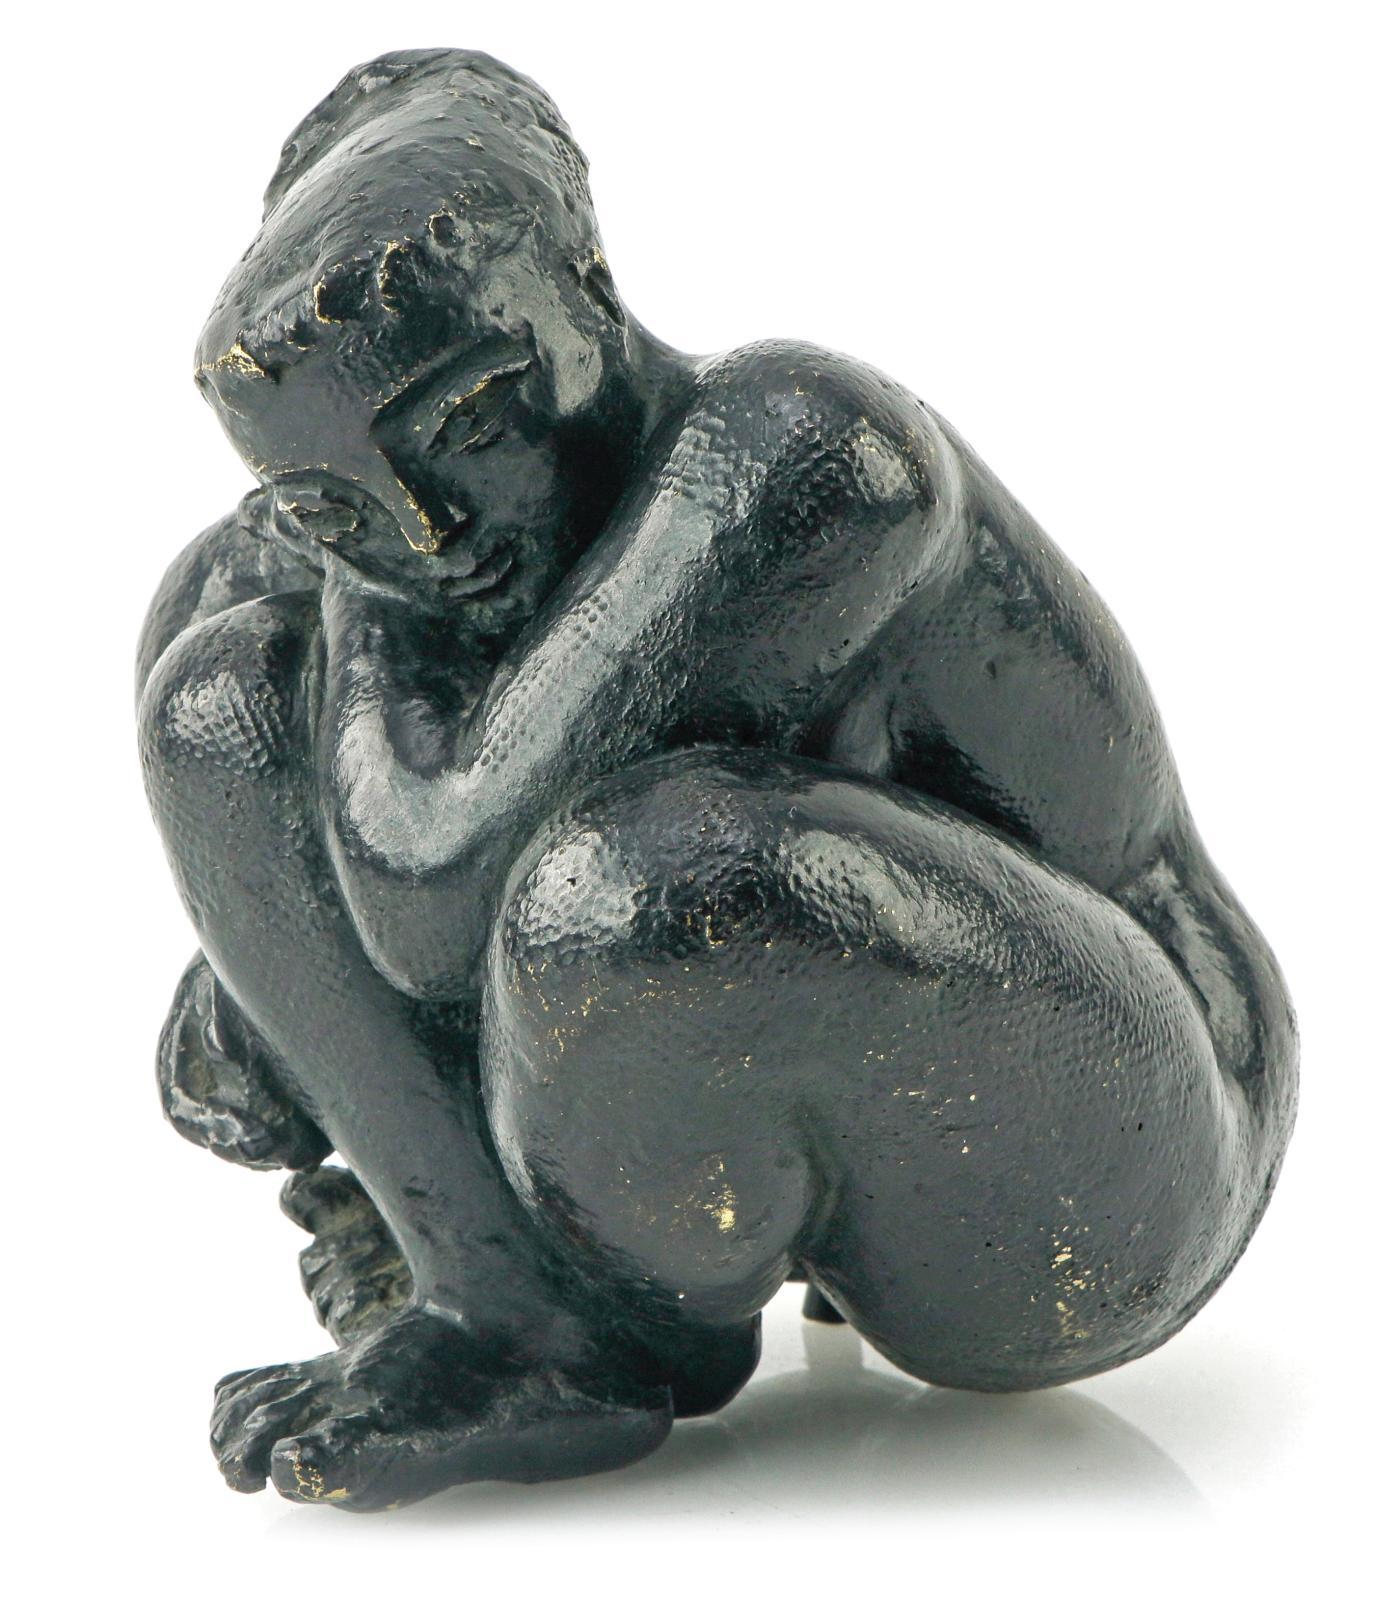 Antoniucci Volti (1915-1989), Femme recroquevillée, vers 1960, sculpture en bronze à patine brune foncée, signée et numérotée «4/6», 16,